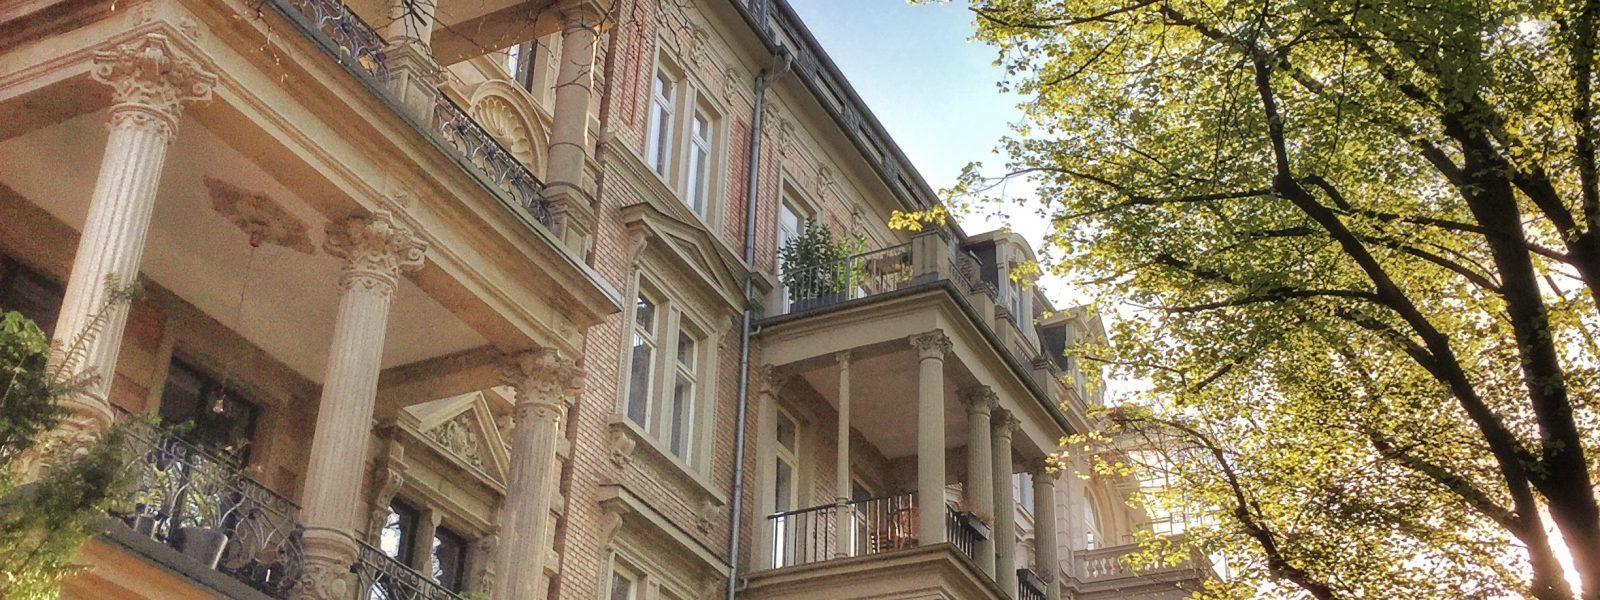 Luxuriöse, historische Wohnung in Wiesbaden